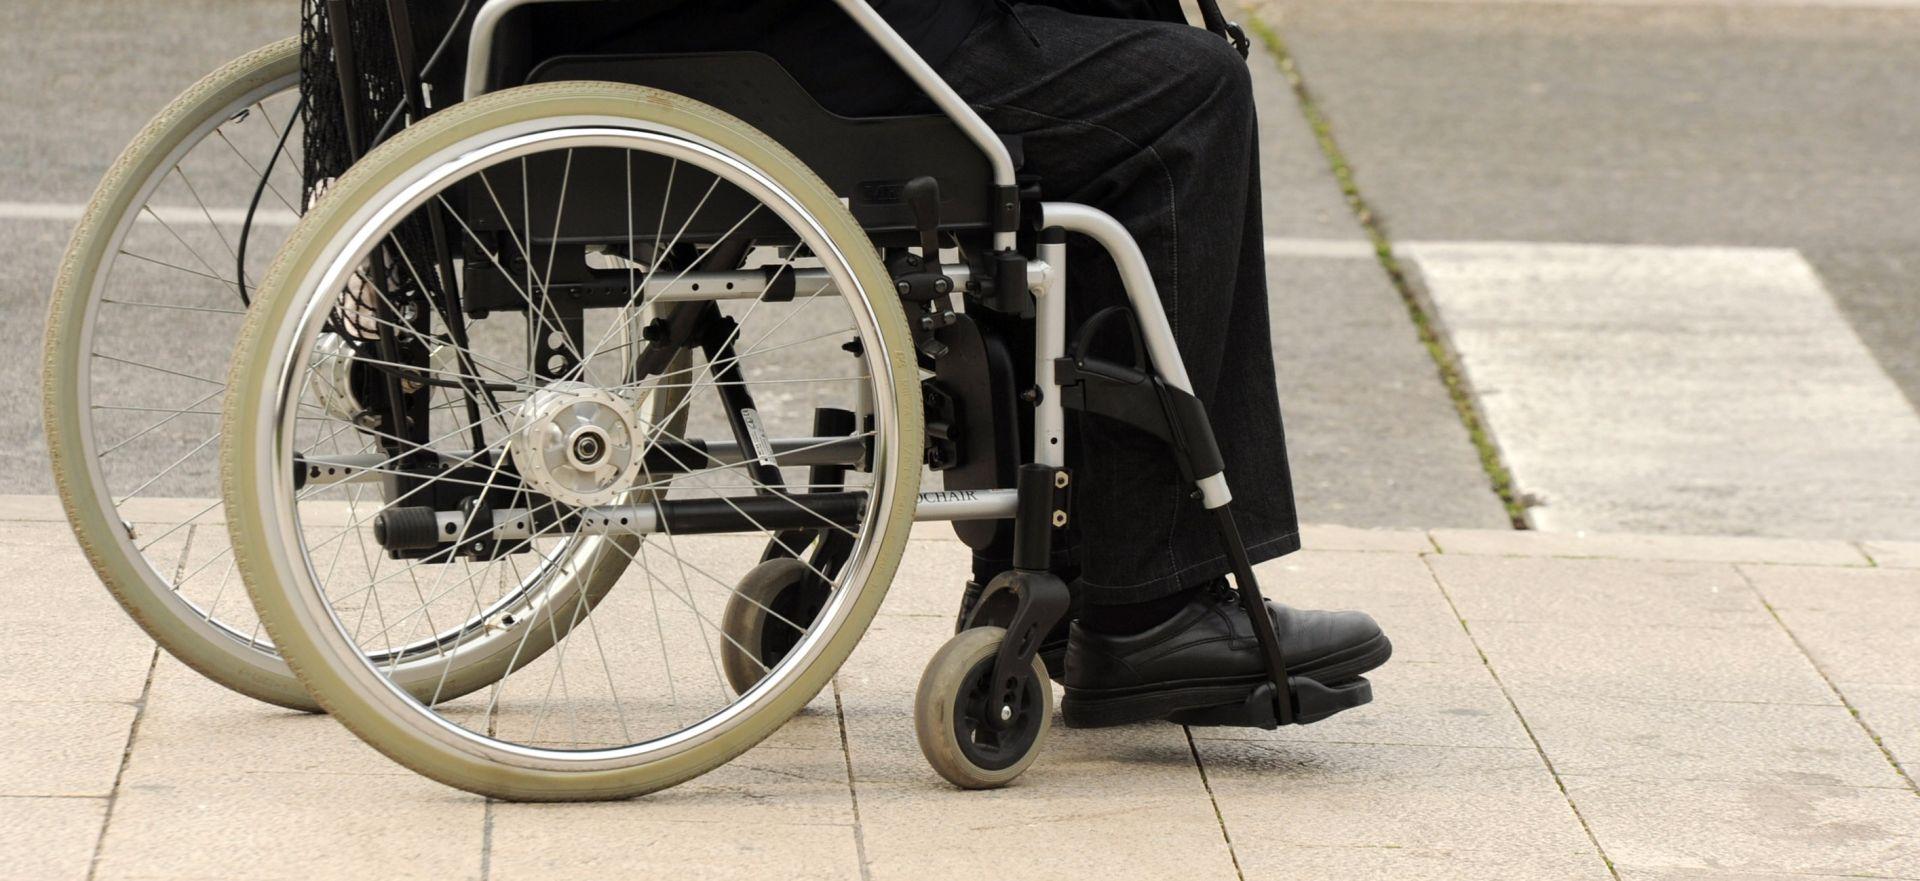 Stručni skup: Suzbijanje diskriminacije osoba s invaliditetom na radnom mjestu